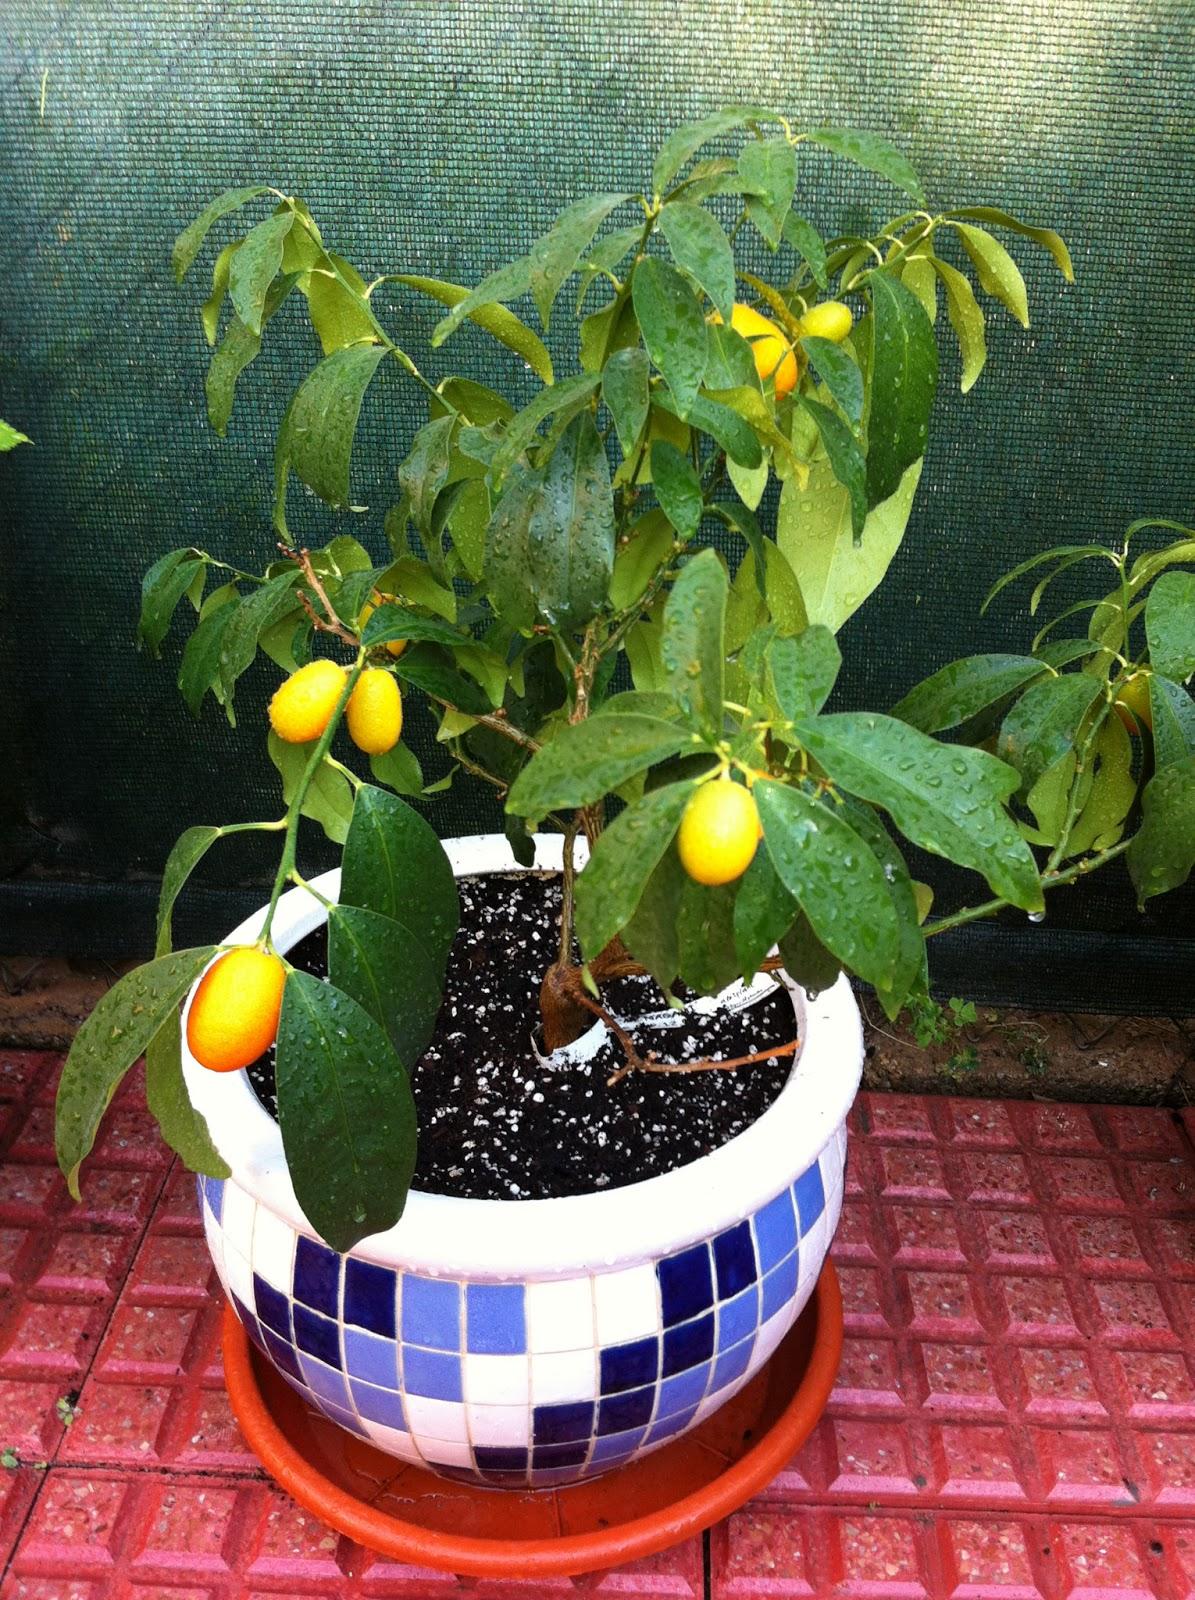 La mar de verde el naranjo enano arboles frutales en maceta for Arboles enanos para jardin